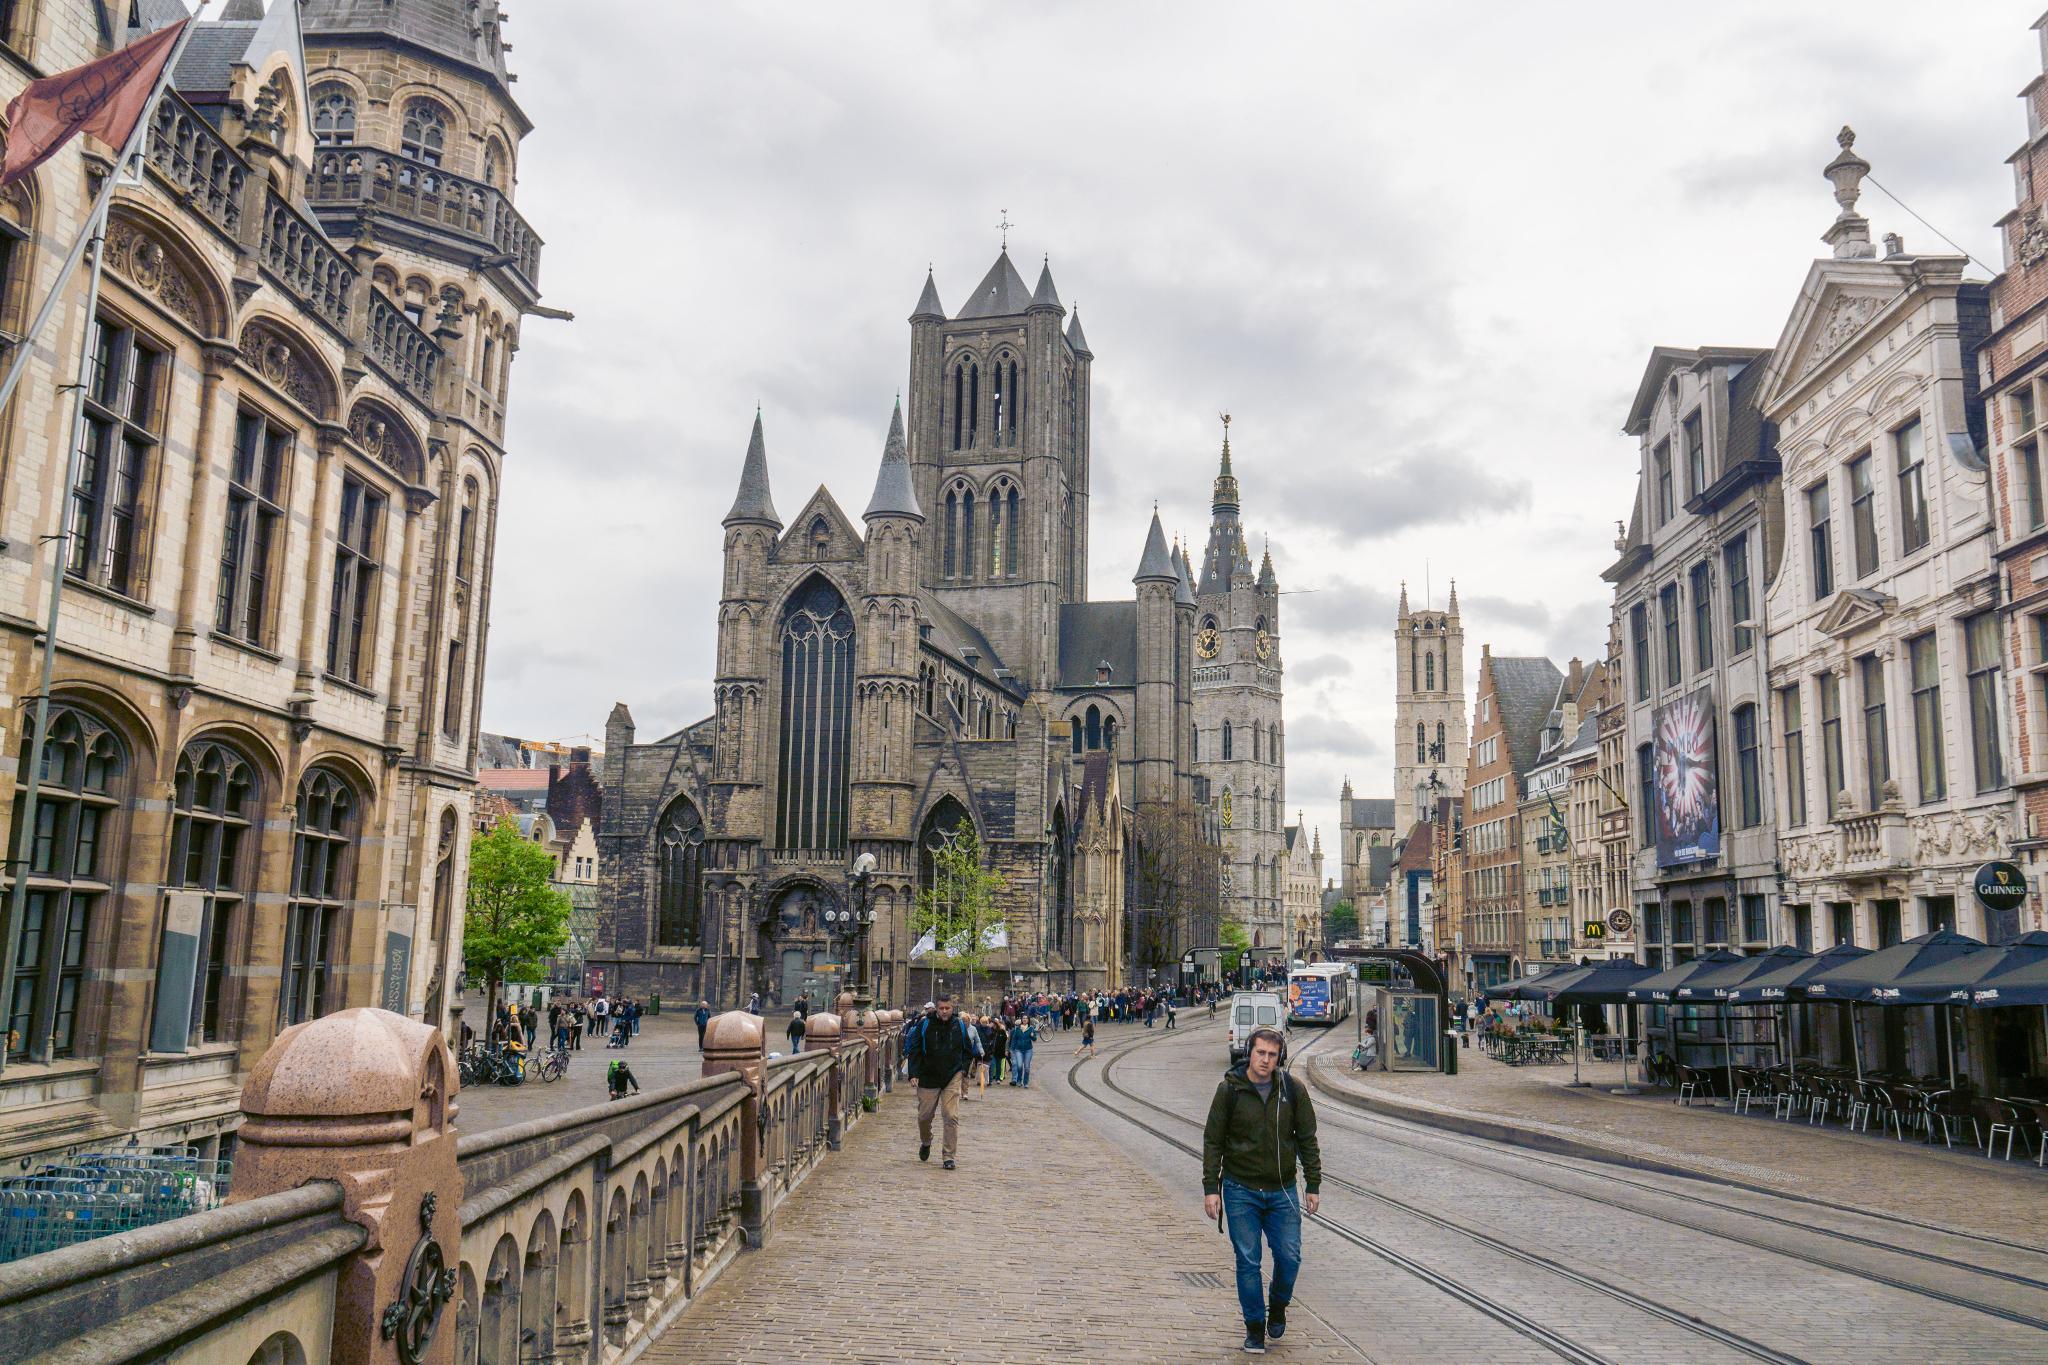 【比利時】穿梭中世紀的大城小事 — 比利時根特 (Ghent) 散步景點總整理 99